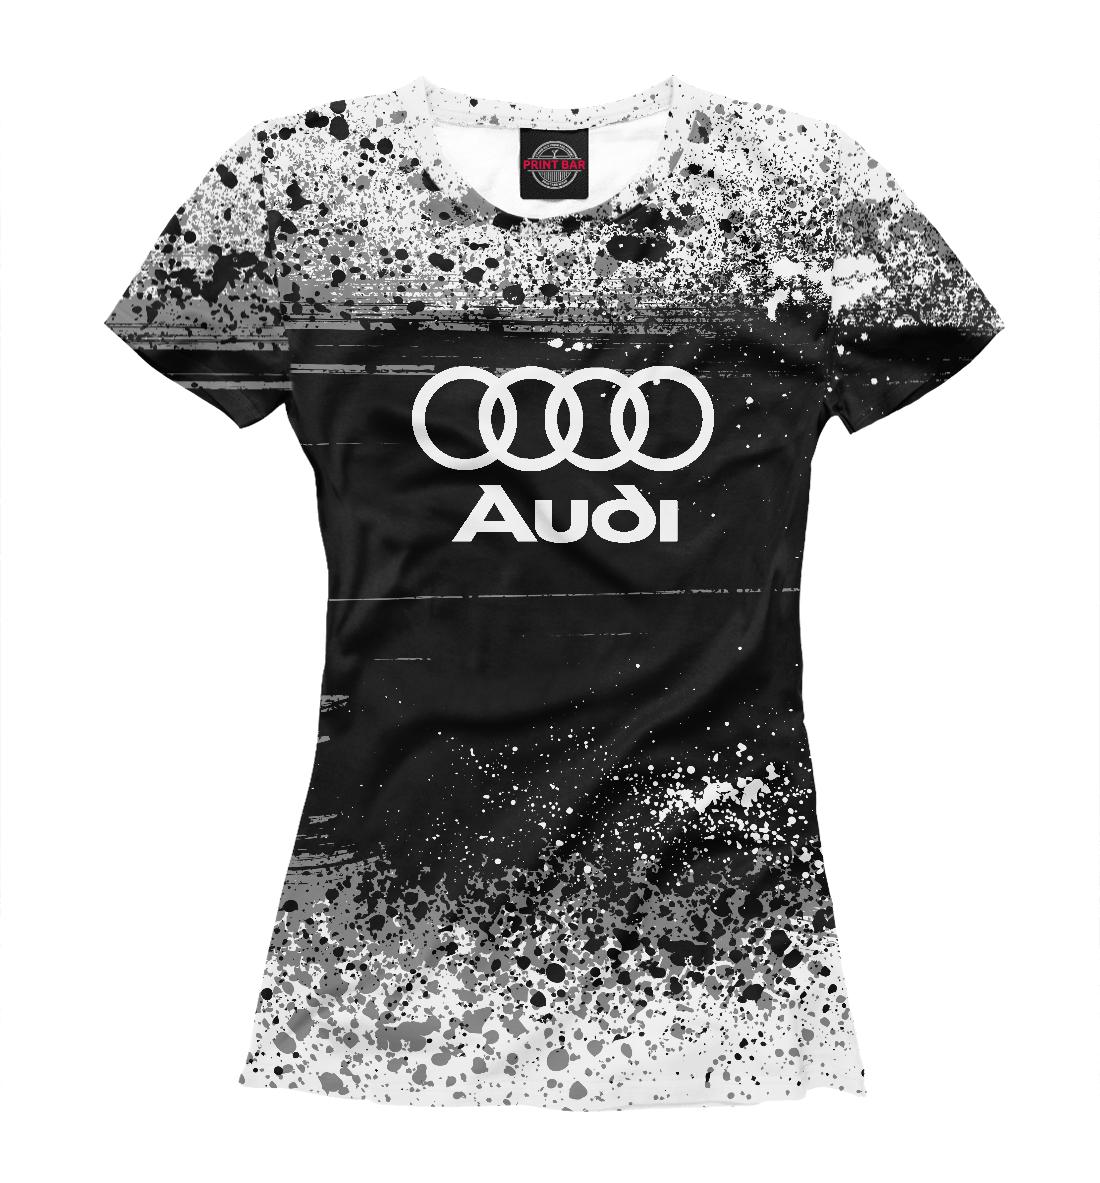 Купить Audi sport, Printbar, Футболки, AUD-751229-fut-1